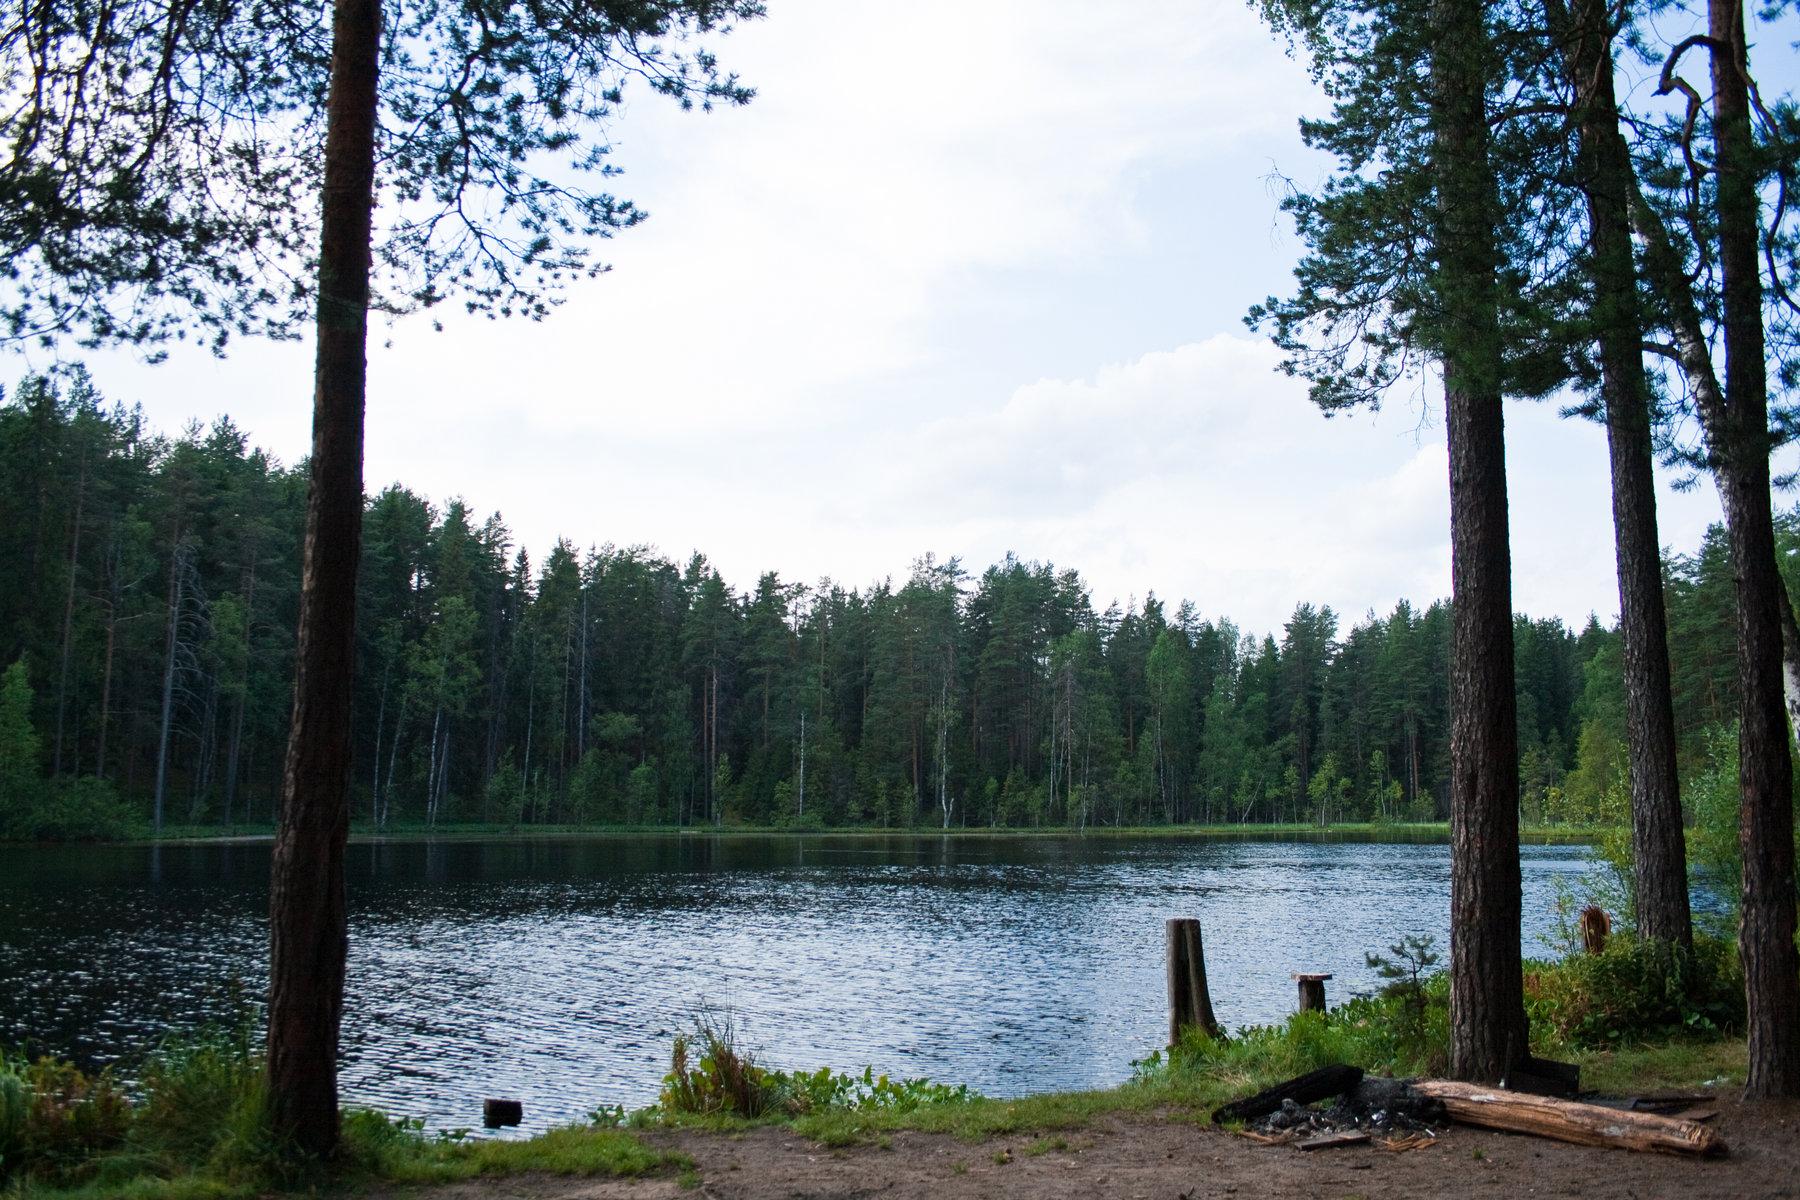 озеро дружинное фото орбакайте вместе родными